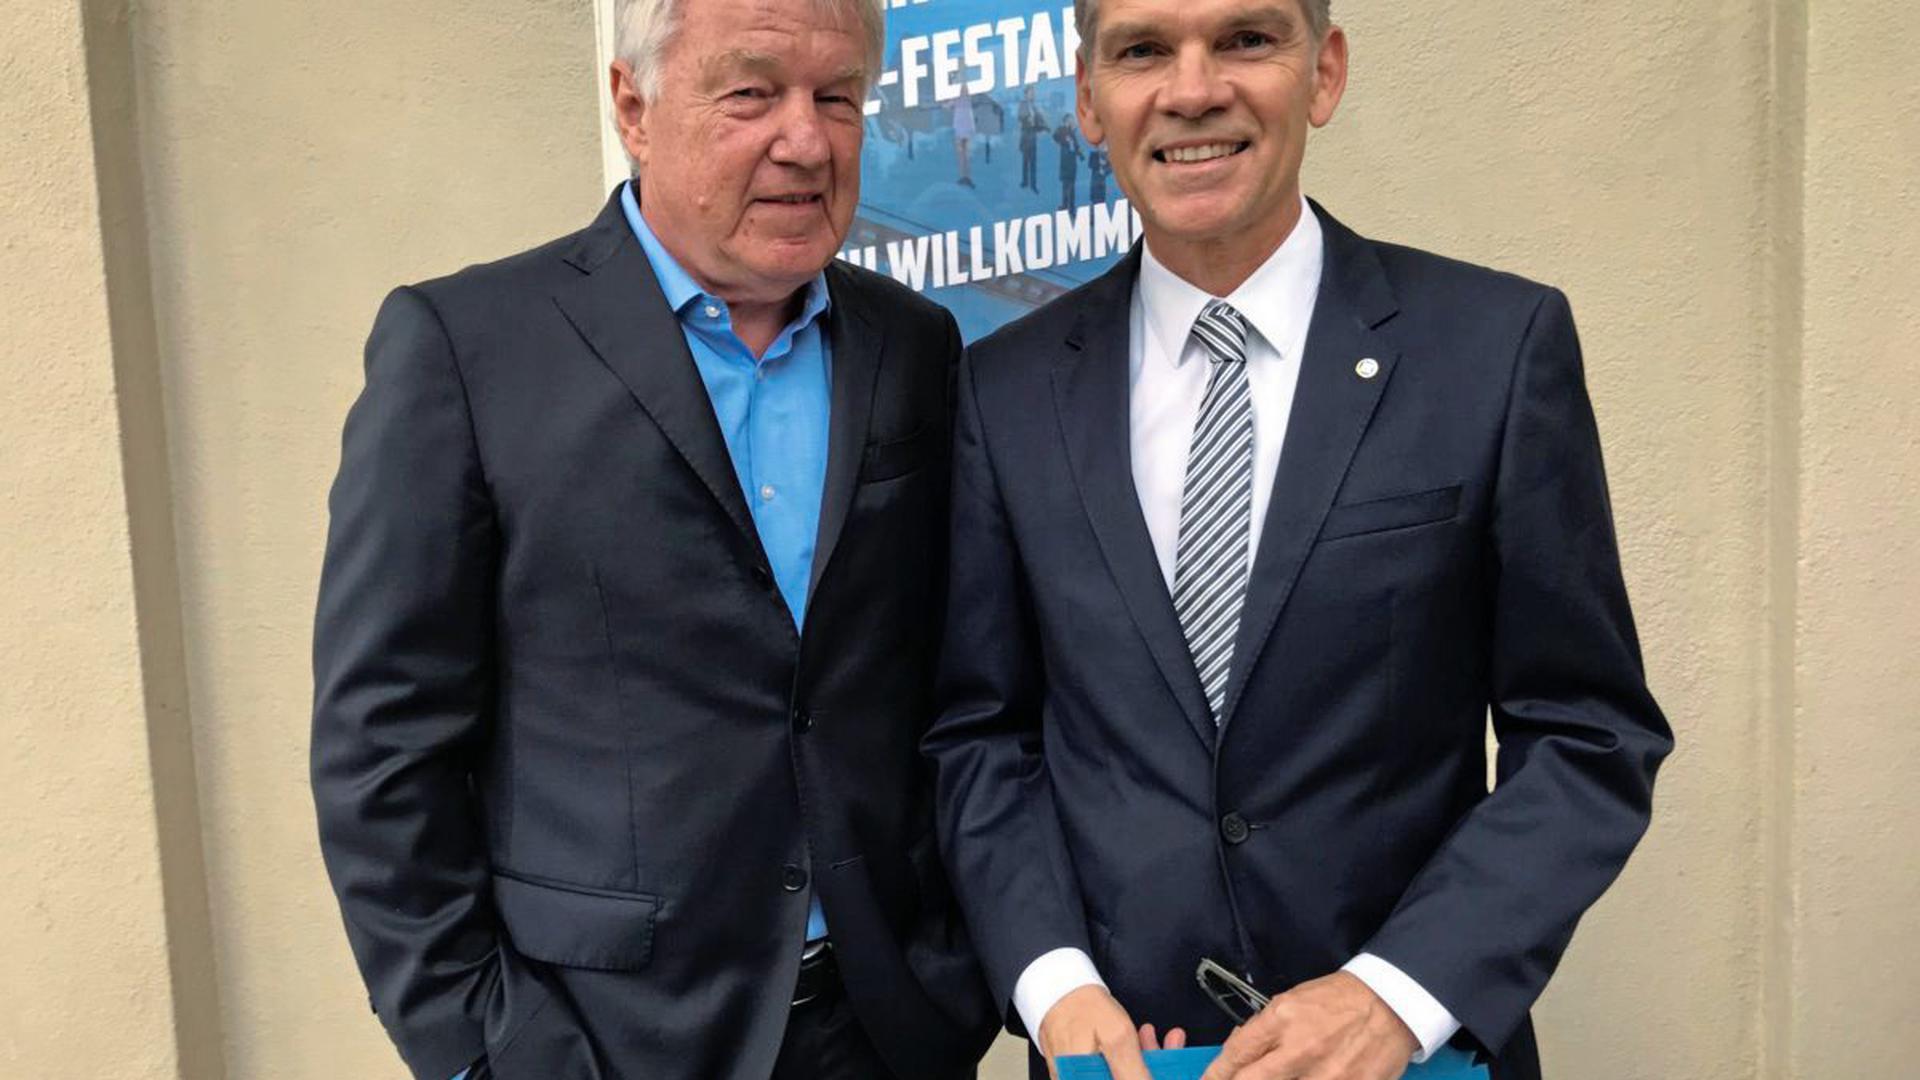 Rolf Kahn, Vater von Oliver Kahn, und Ingo Wellenreuther, KSC-Präsident.